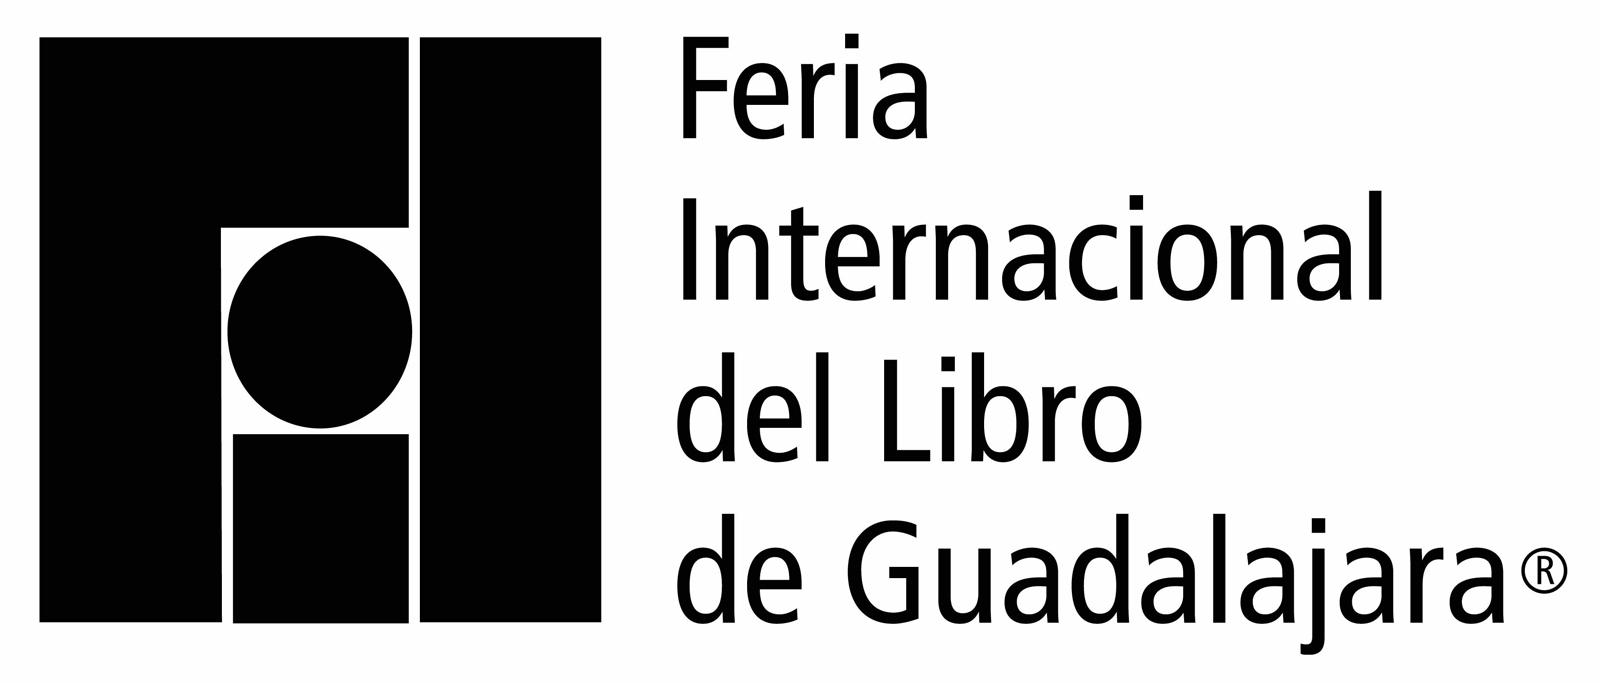 FIL 2016 booktuber